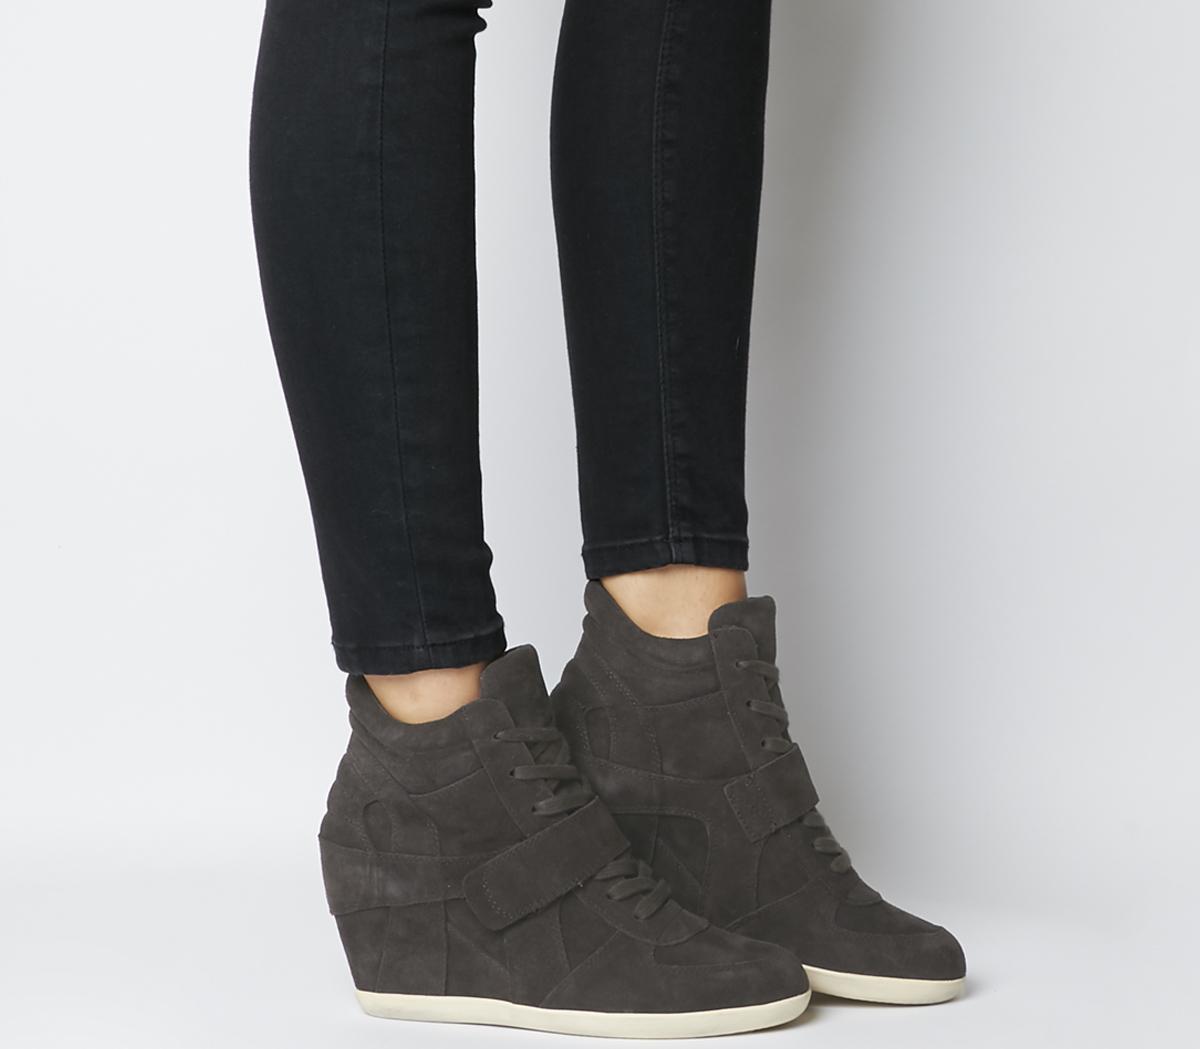 Ash Bowie Hi Top Wedge Sneakers Grey